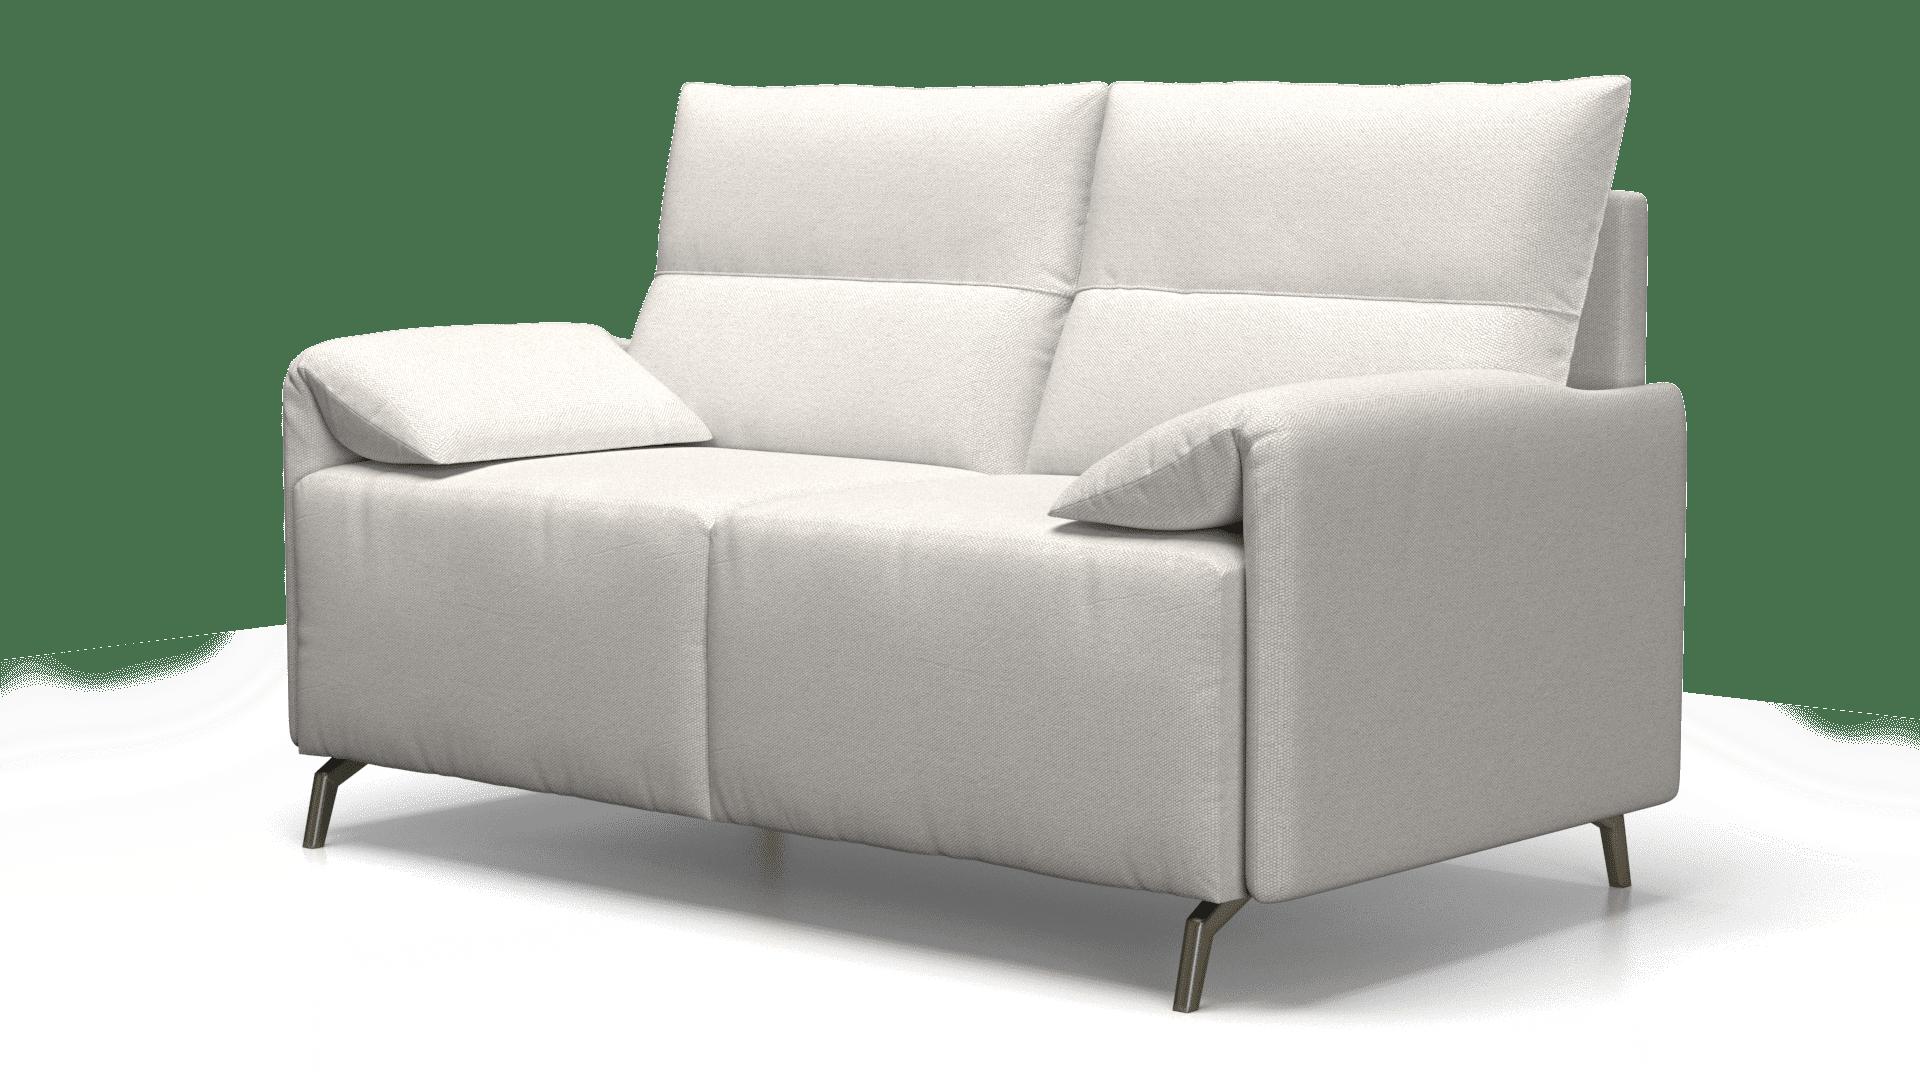 brenna salotti milano divano letto form 04